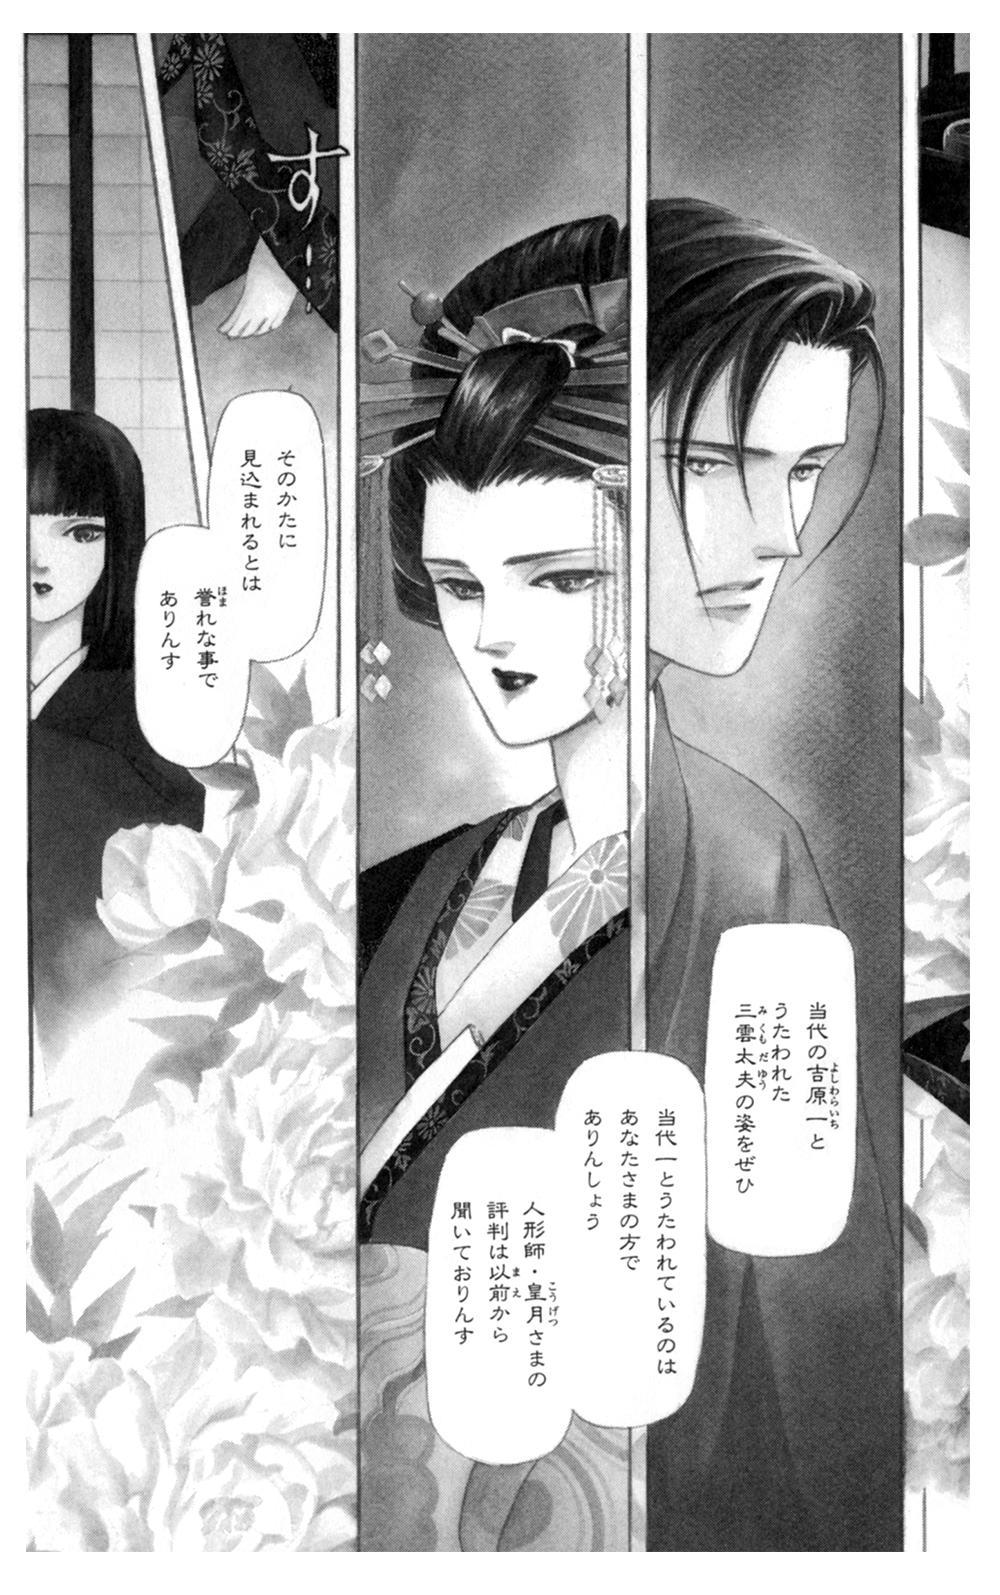 雨柳堂夢咄 第5話「花に暮れる」①uryudo01-115.jpg